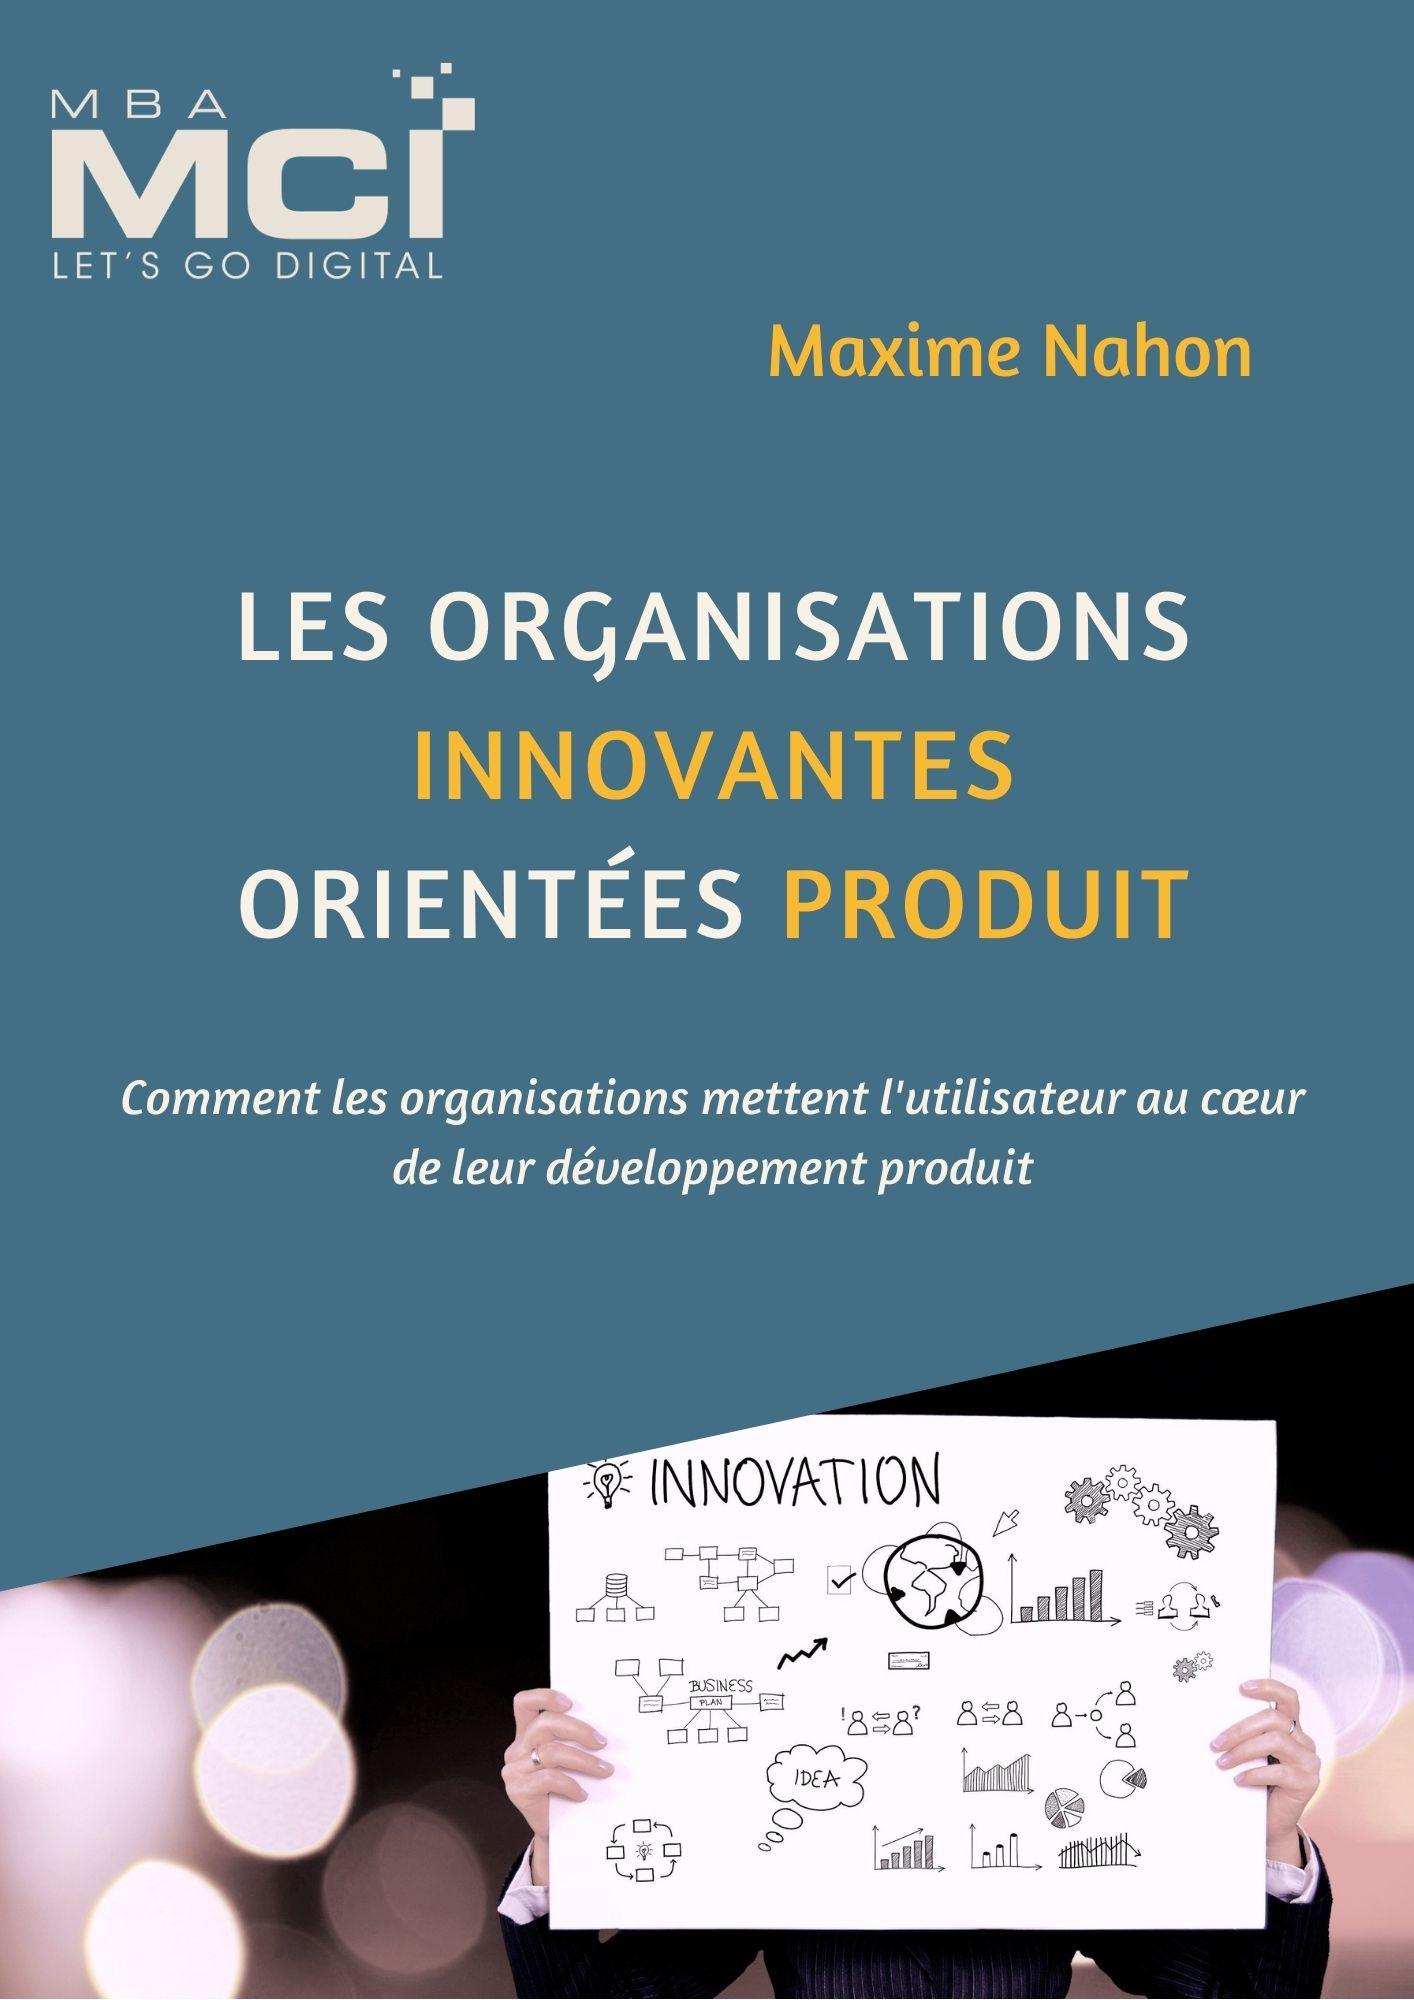 Maxime Nahon - Les organisations innovantes orientées produit²